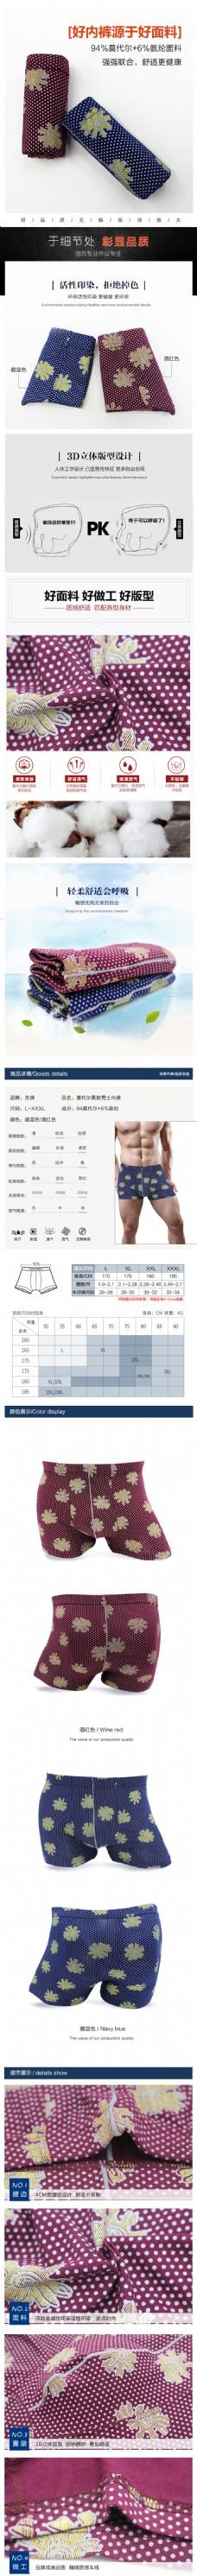 男士内裤详情淘宝电商详情页